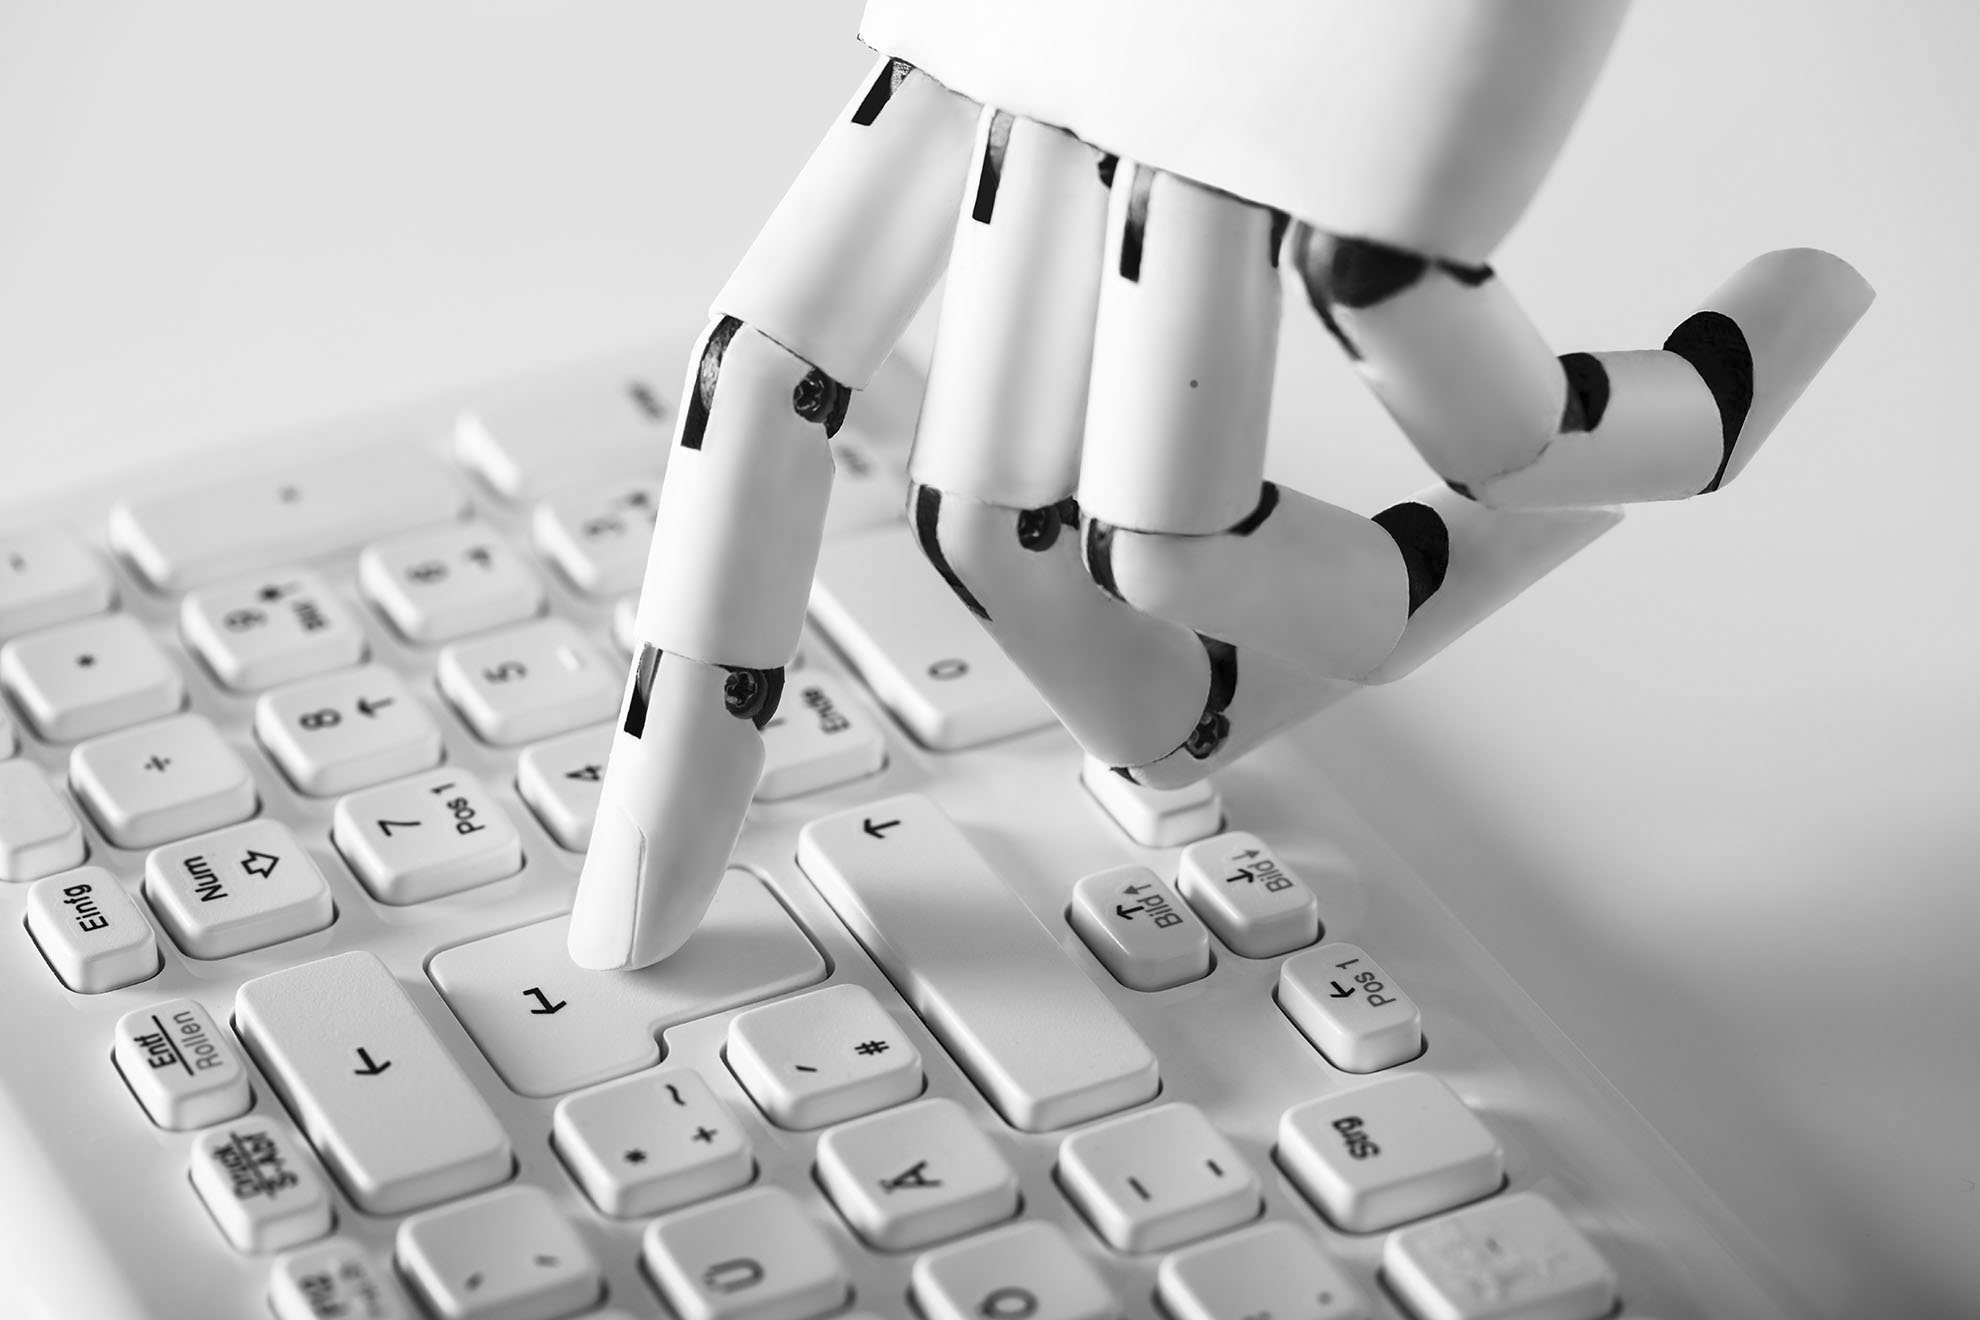 باحثون يعيدون إنشاء برنامج ذكاء اصطناعى قادر على كتابة أخبار مزيفة